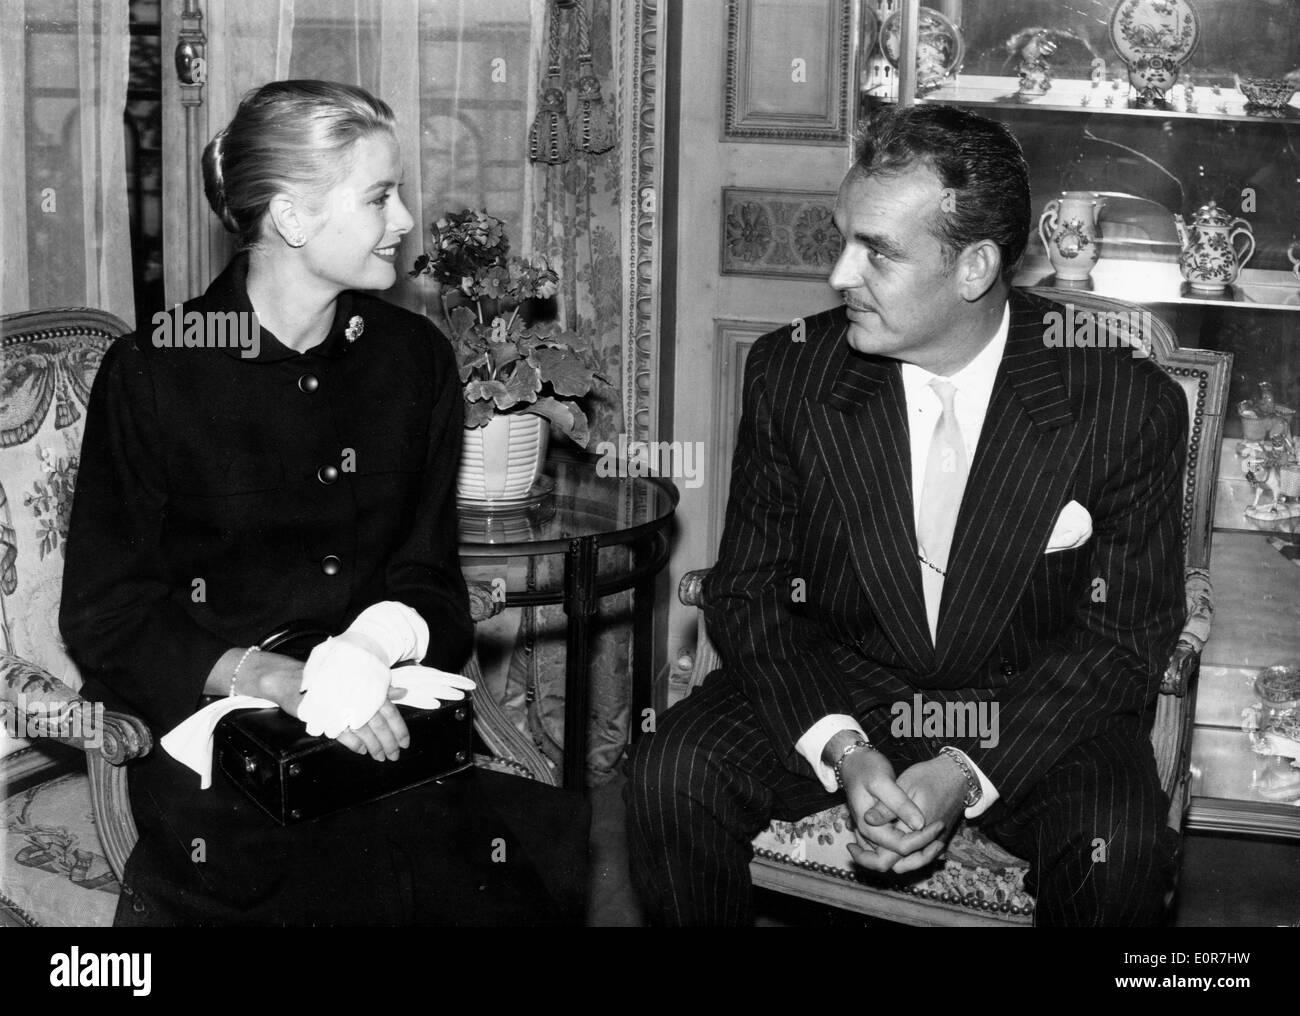 El príncipe Rainiero hablando con su esposa Grace Kelly Foto de stock